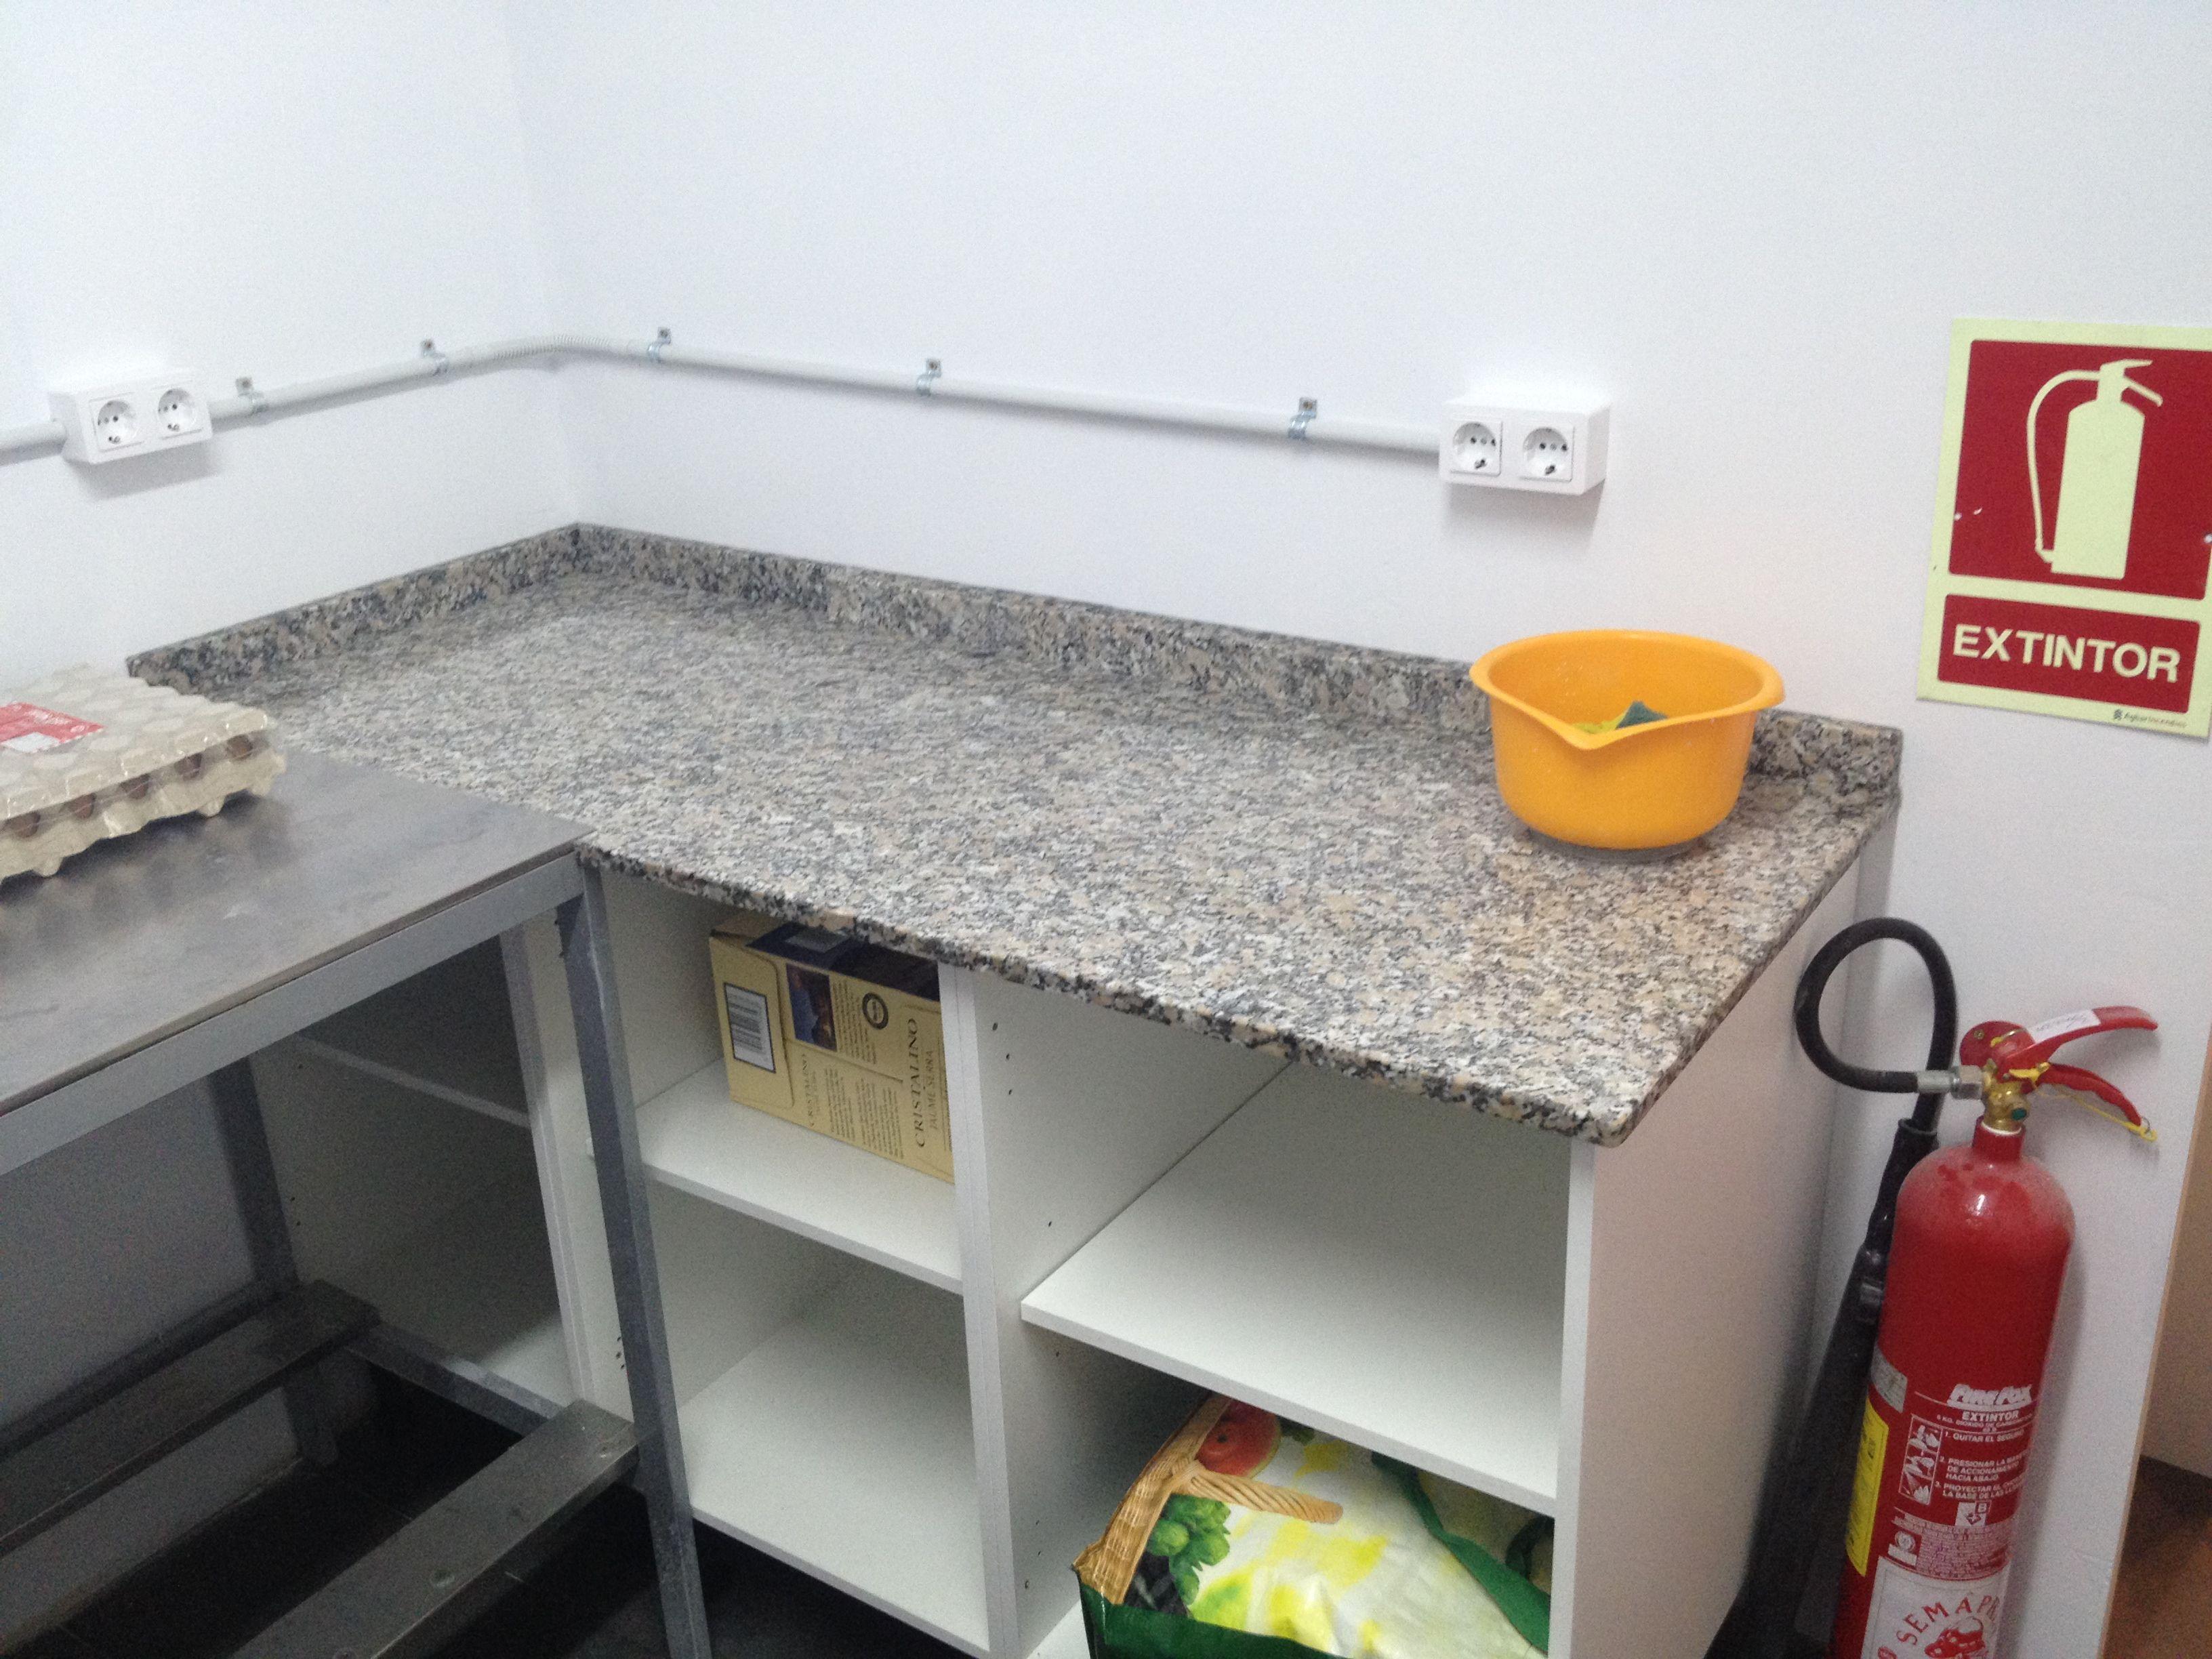 Instalaci n electrica en cocina mueble a medida encimera for Cocina encimera electrica